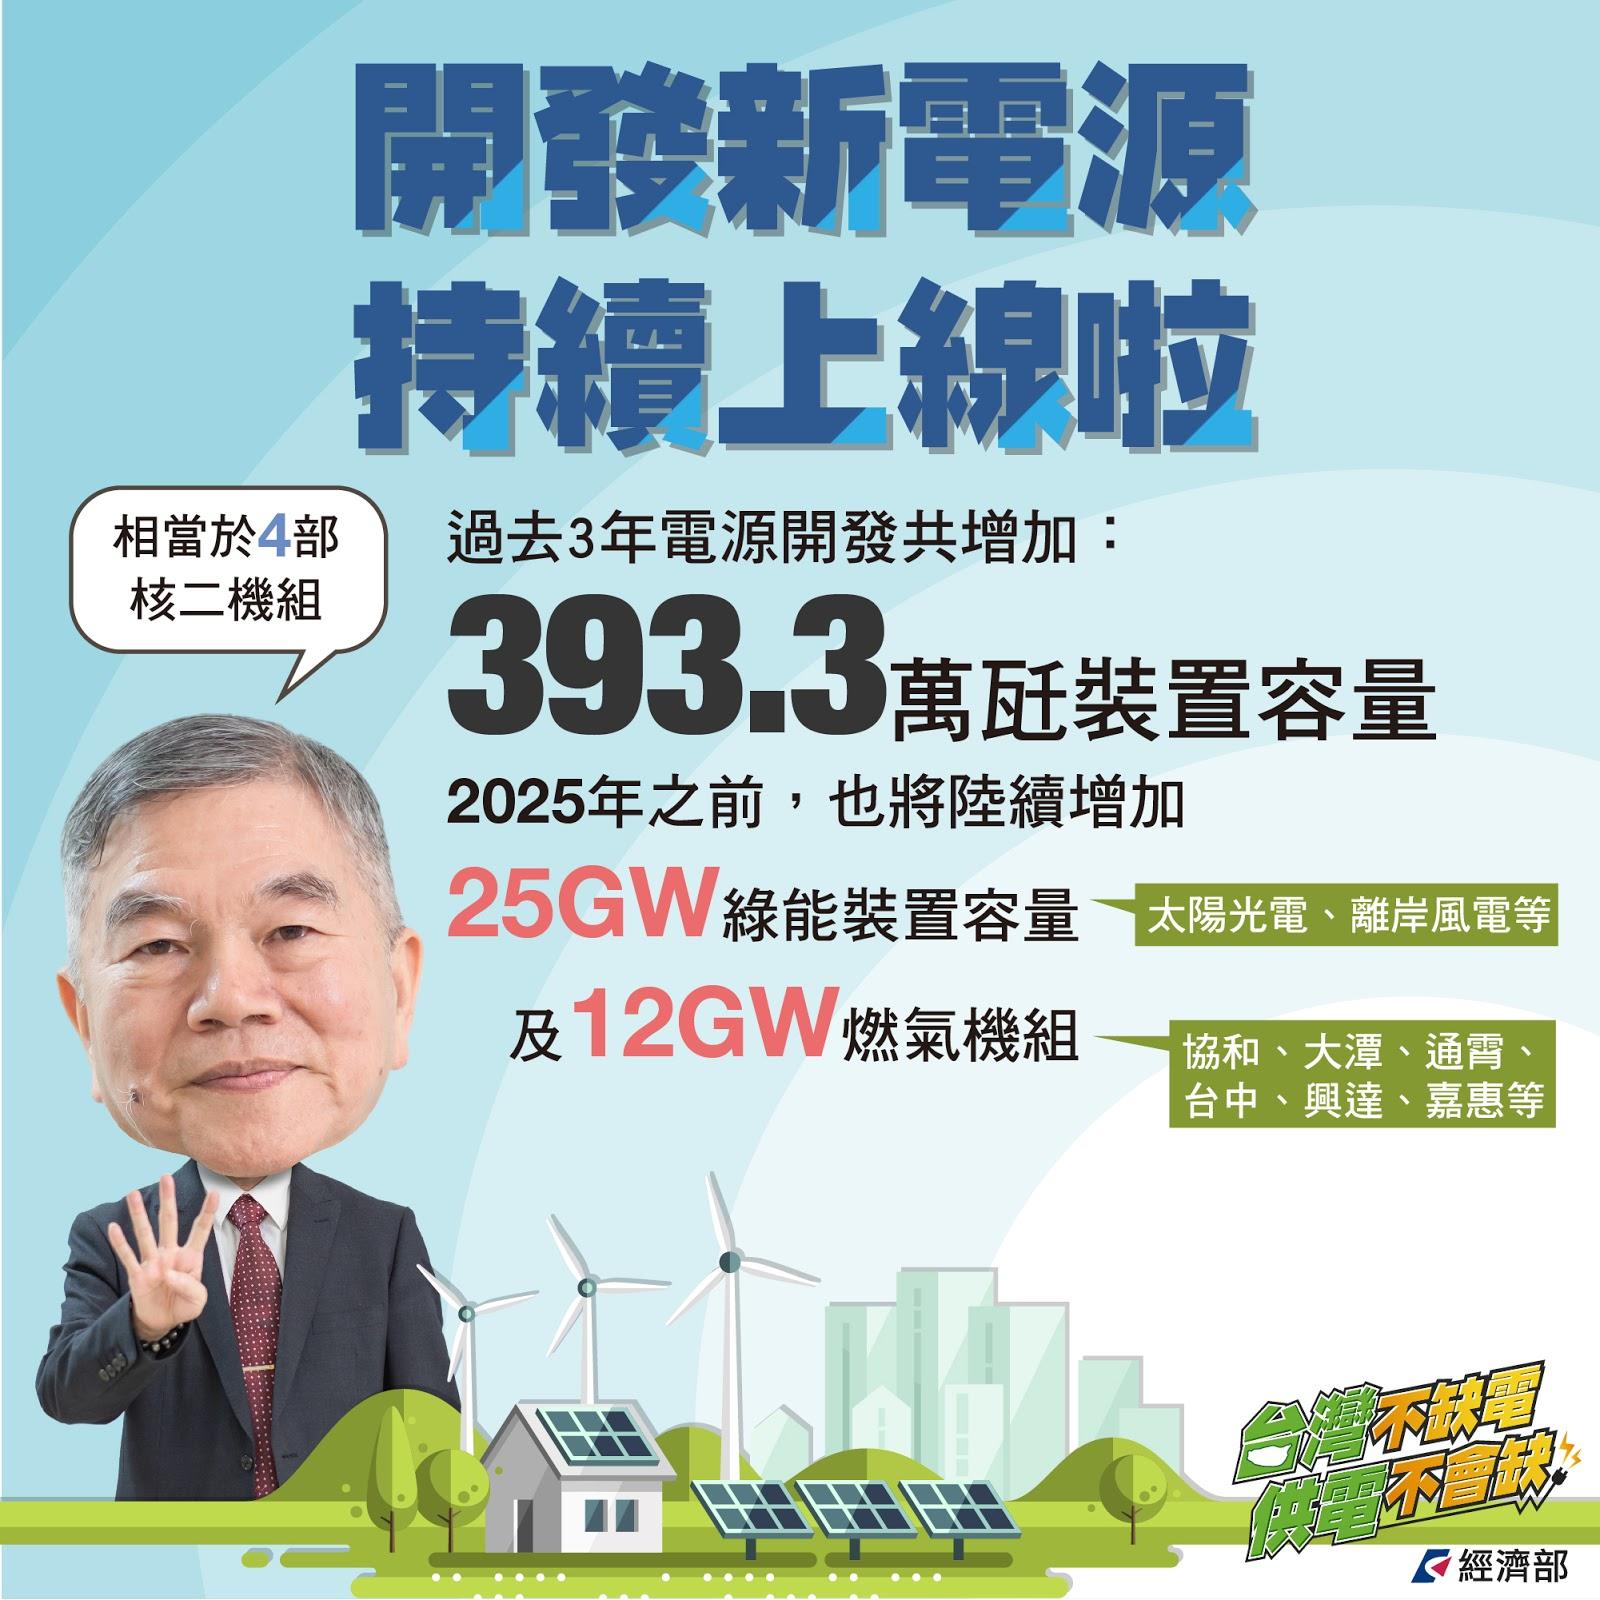 台灣不缺電3